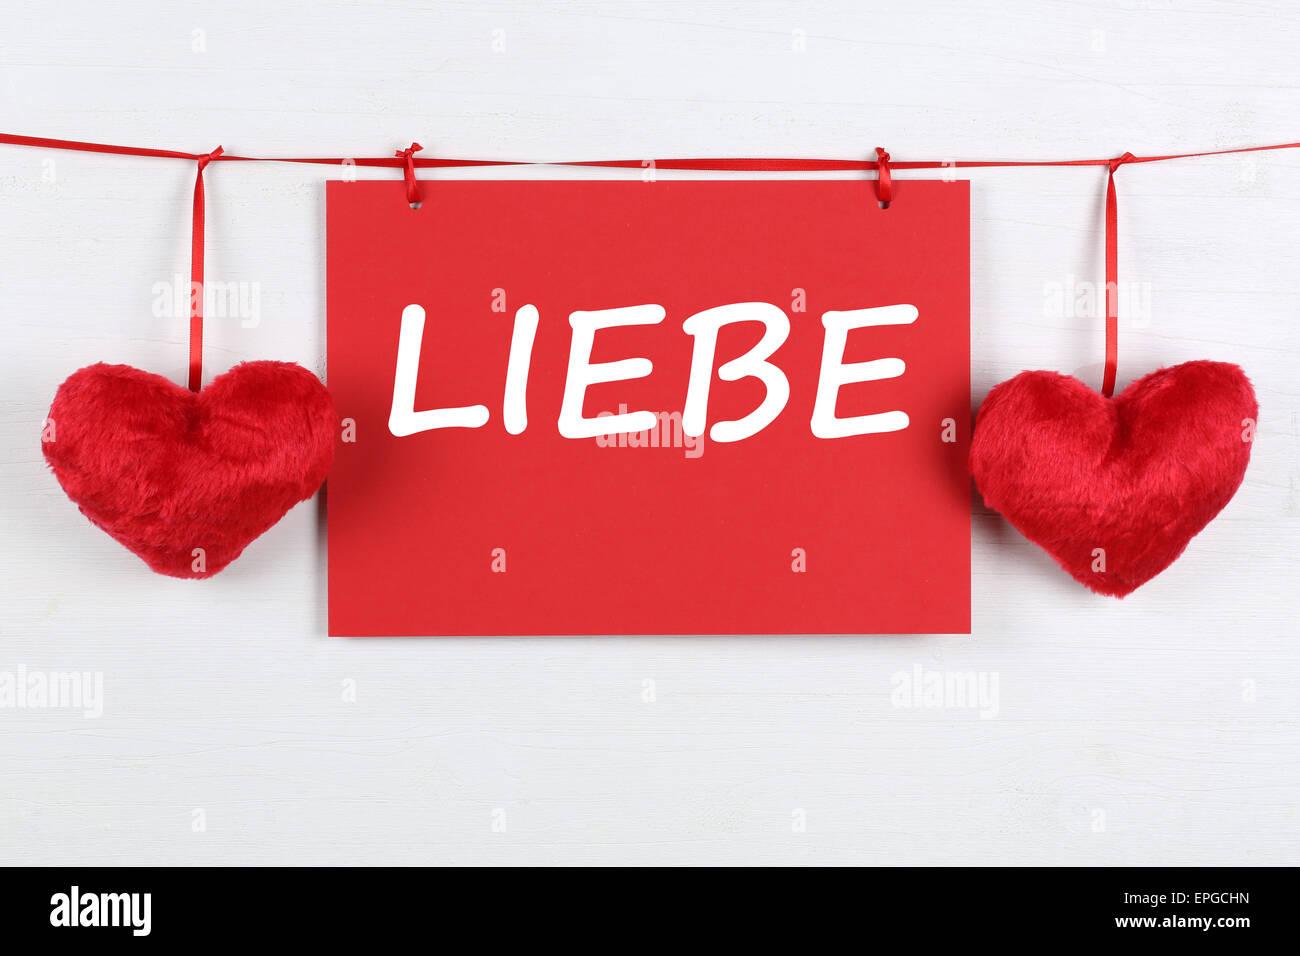 Karte Mit Wort Liebe Zum Valentinstag Oder Muttertag Mit Zwei Herzen